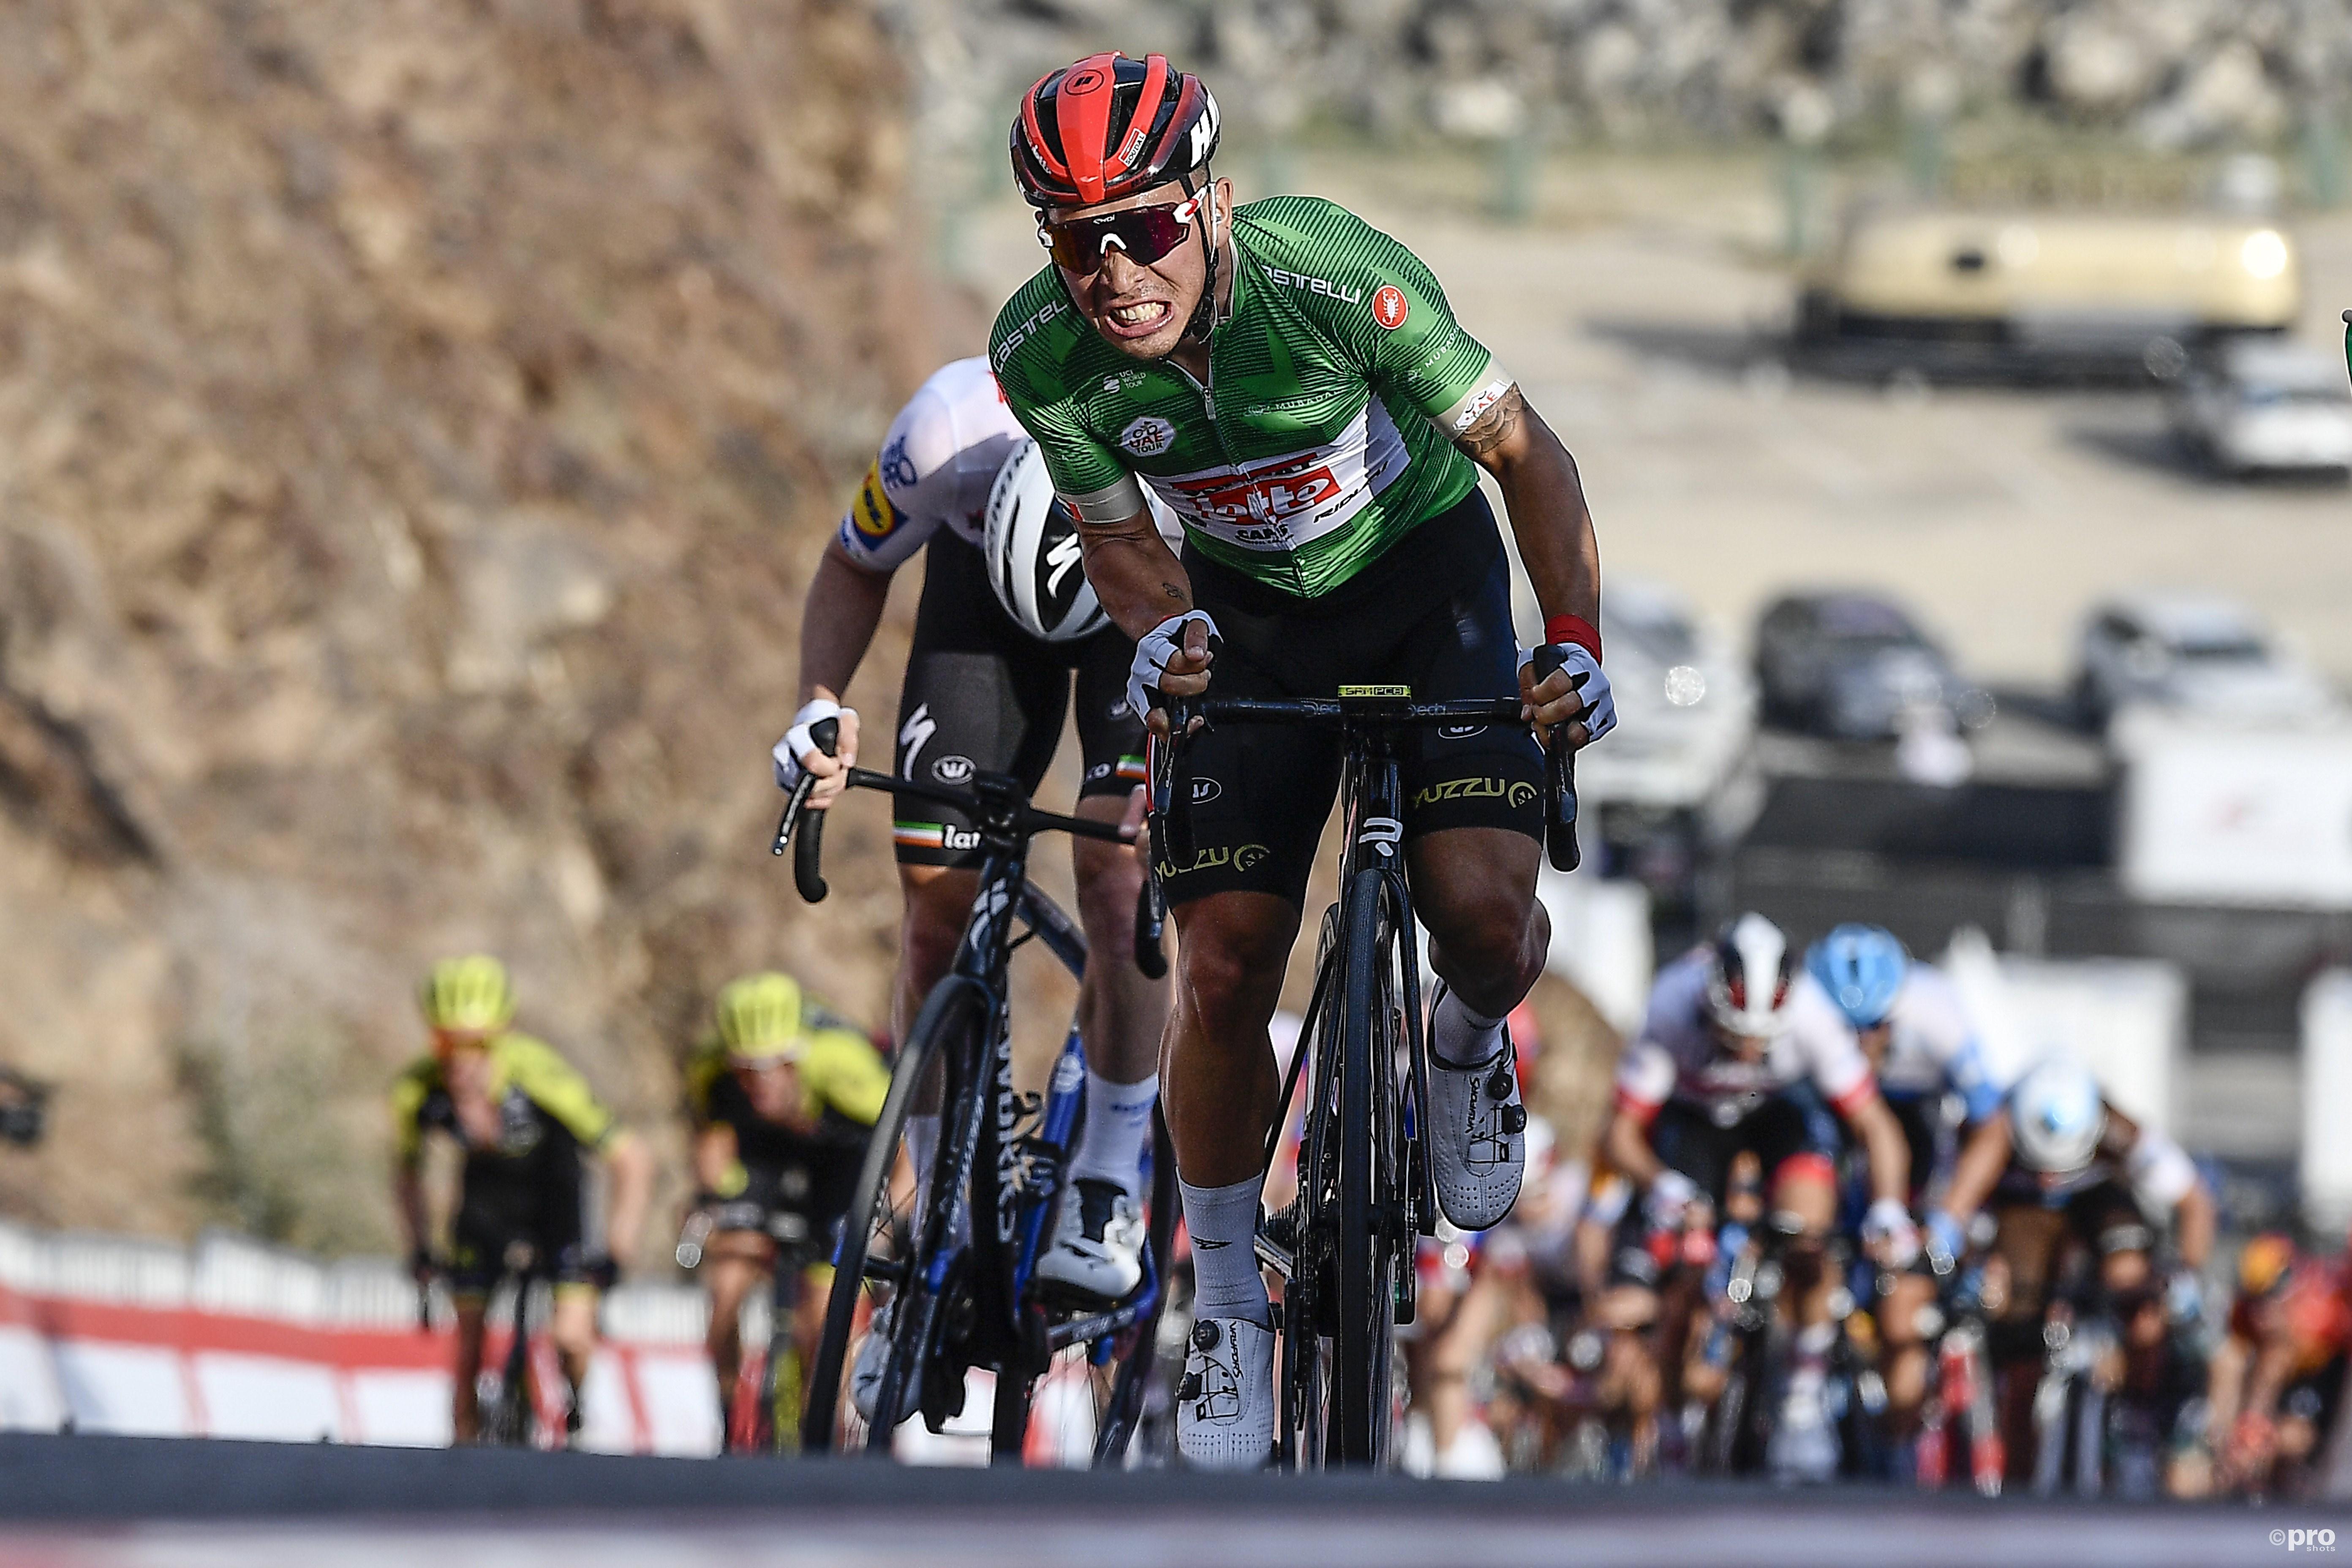 Ewan sprint opnieuw naar winst op Hatta Dam (Pro Shots / Zuma Press)